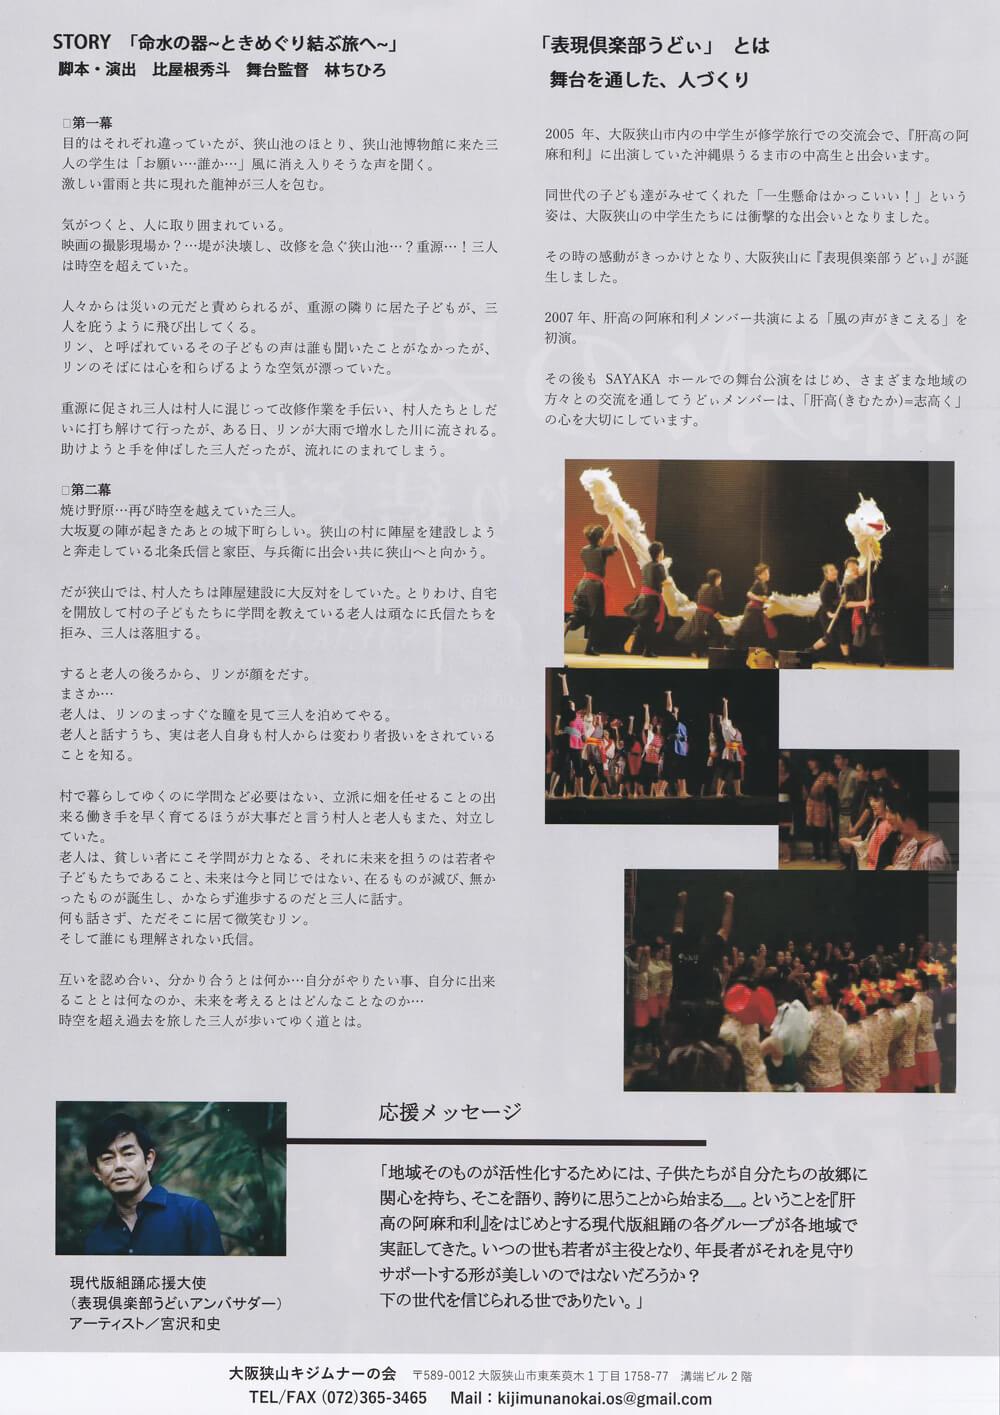 表現倶楽部うどぃ「第14回本公演 命水の器~ときめぐり結ぶ旅へ~」がSAYAKAホールで2020年3月29日に公演 (2)